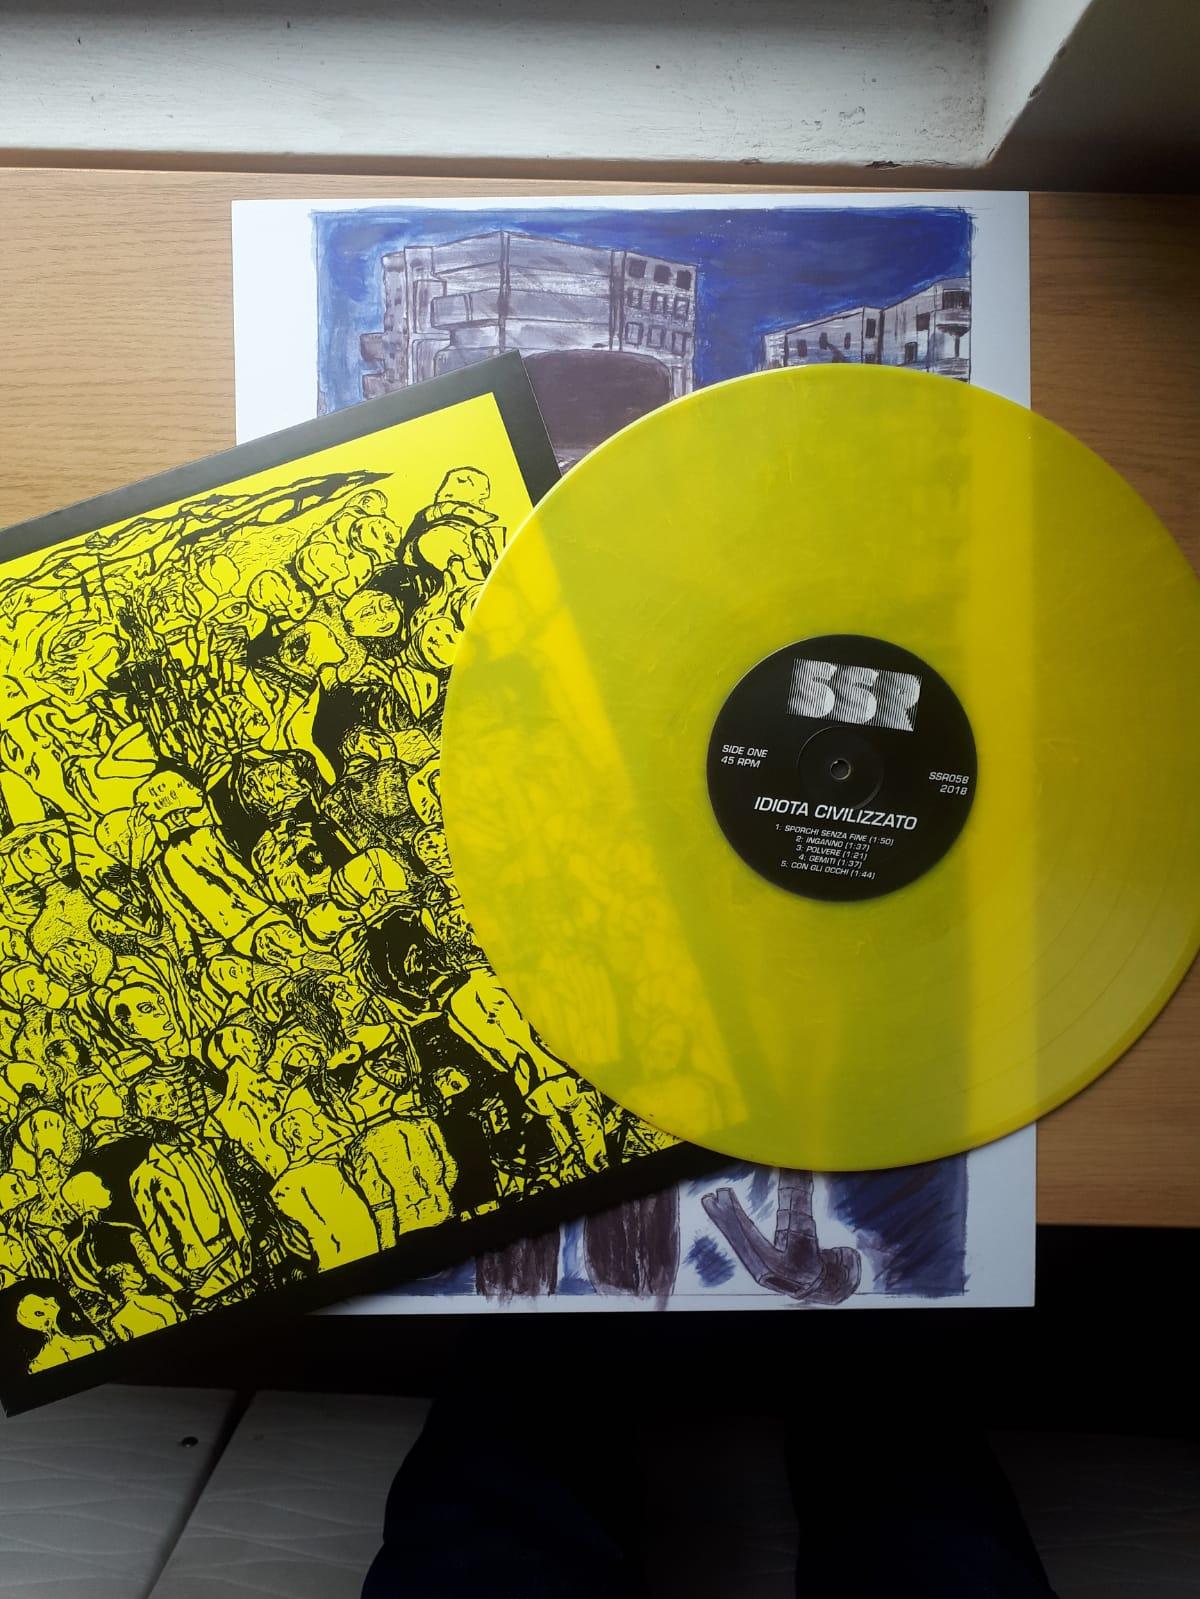 IDIOTA CIVILIZZATO - Idiota Civilizzato - Yellow Vinyl LP